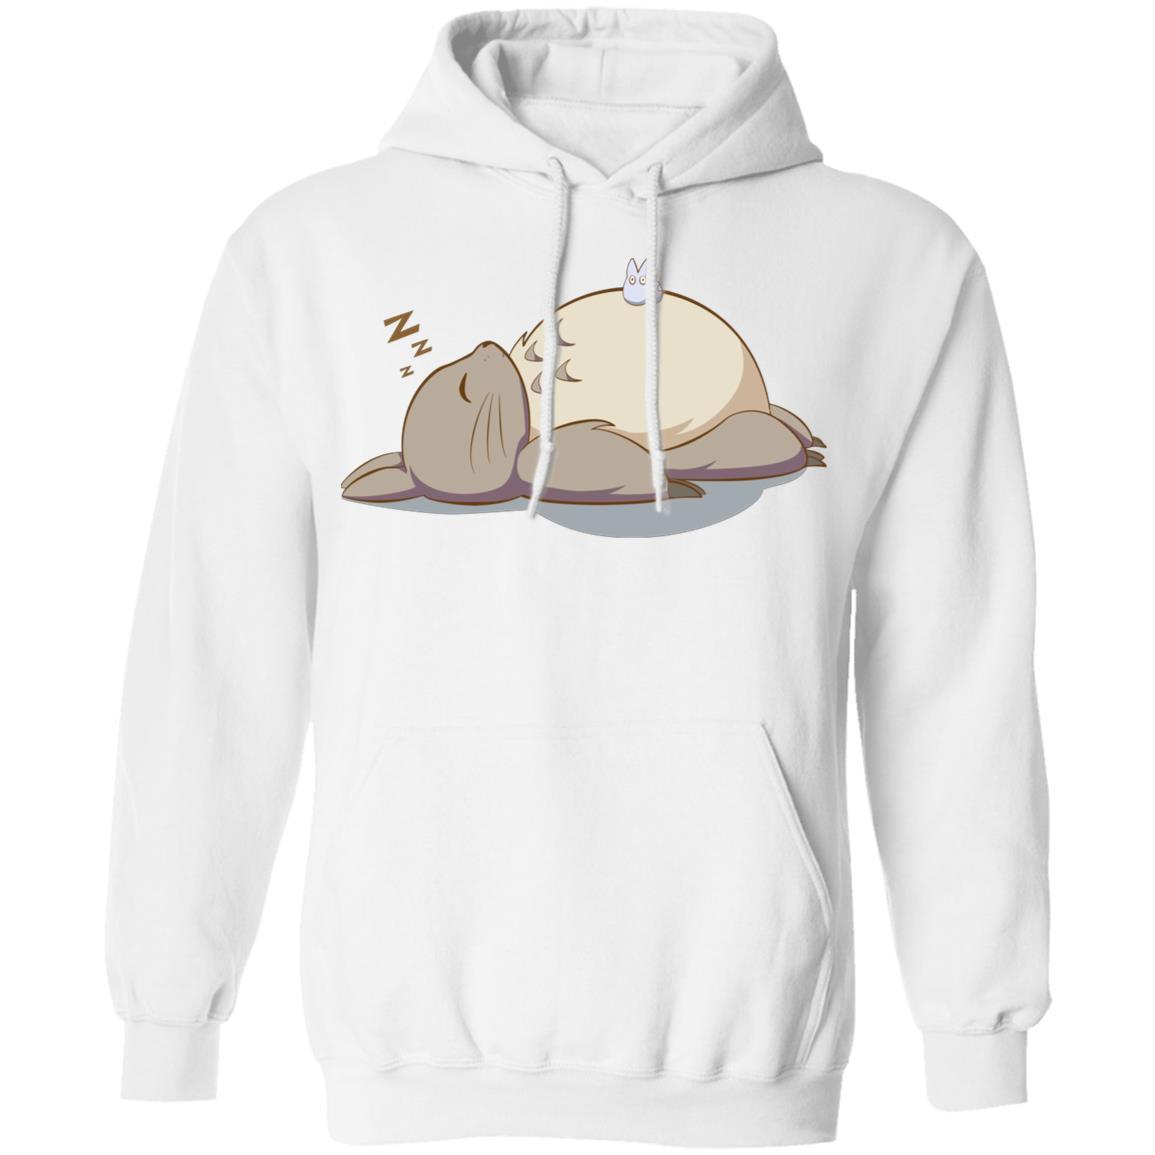 Sleeping Totoro Hoodie